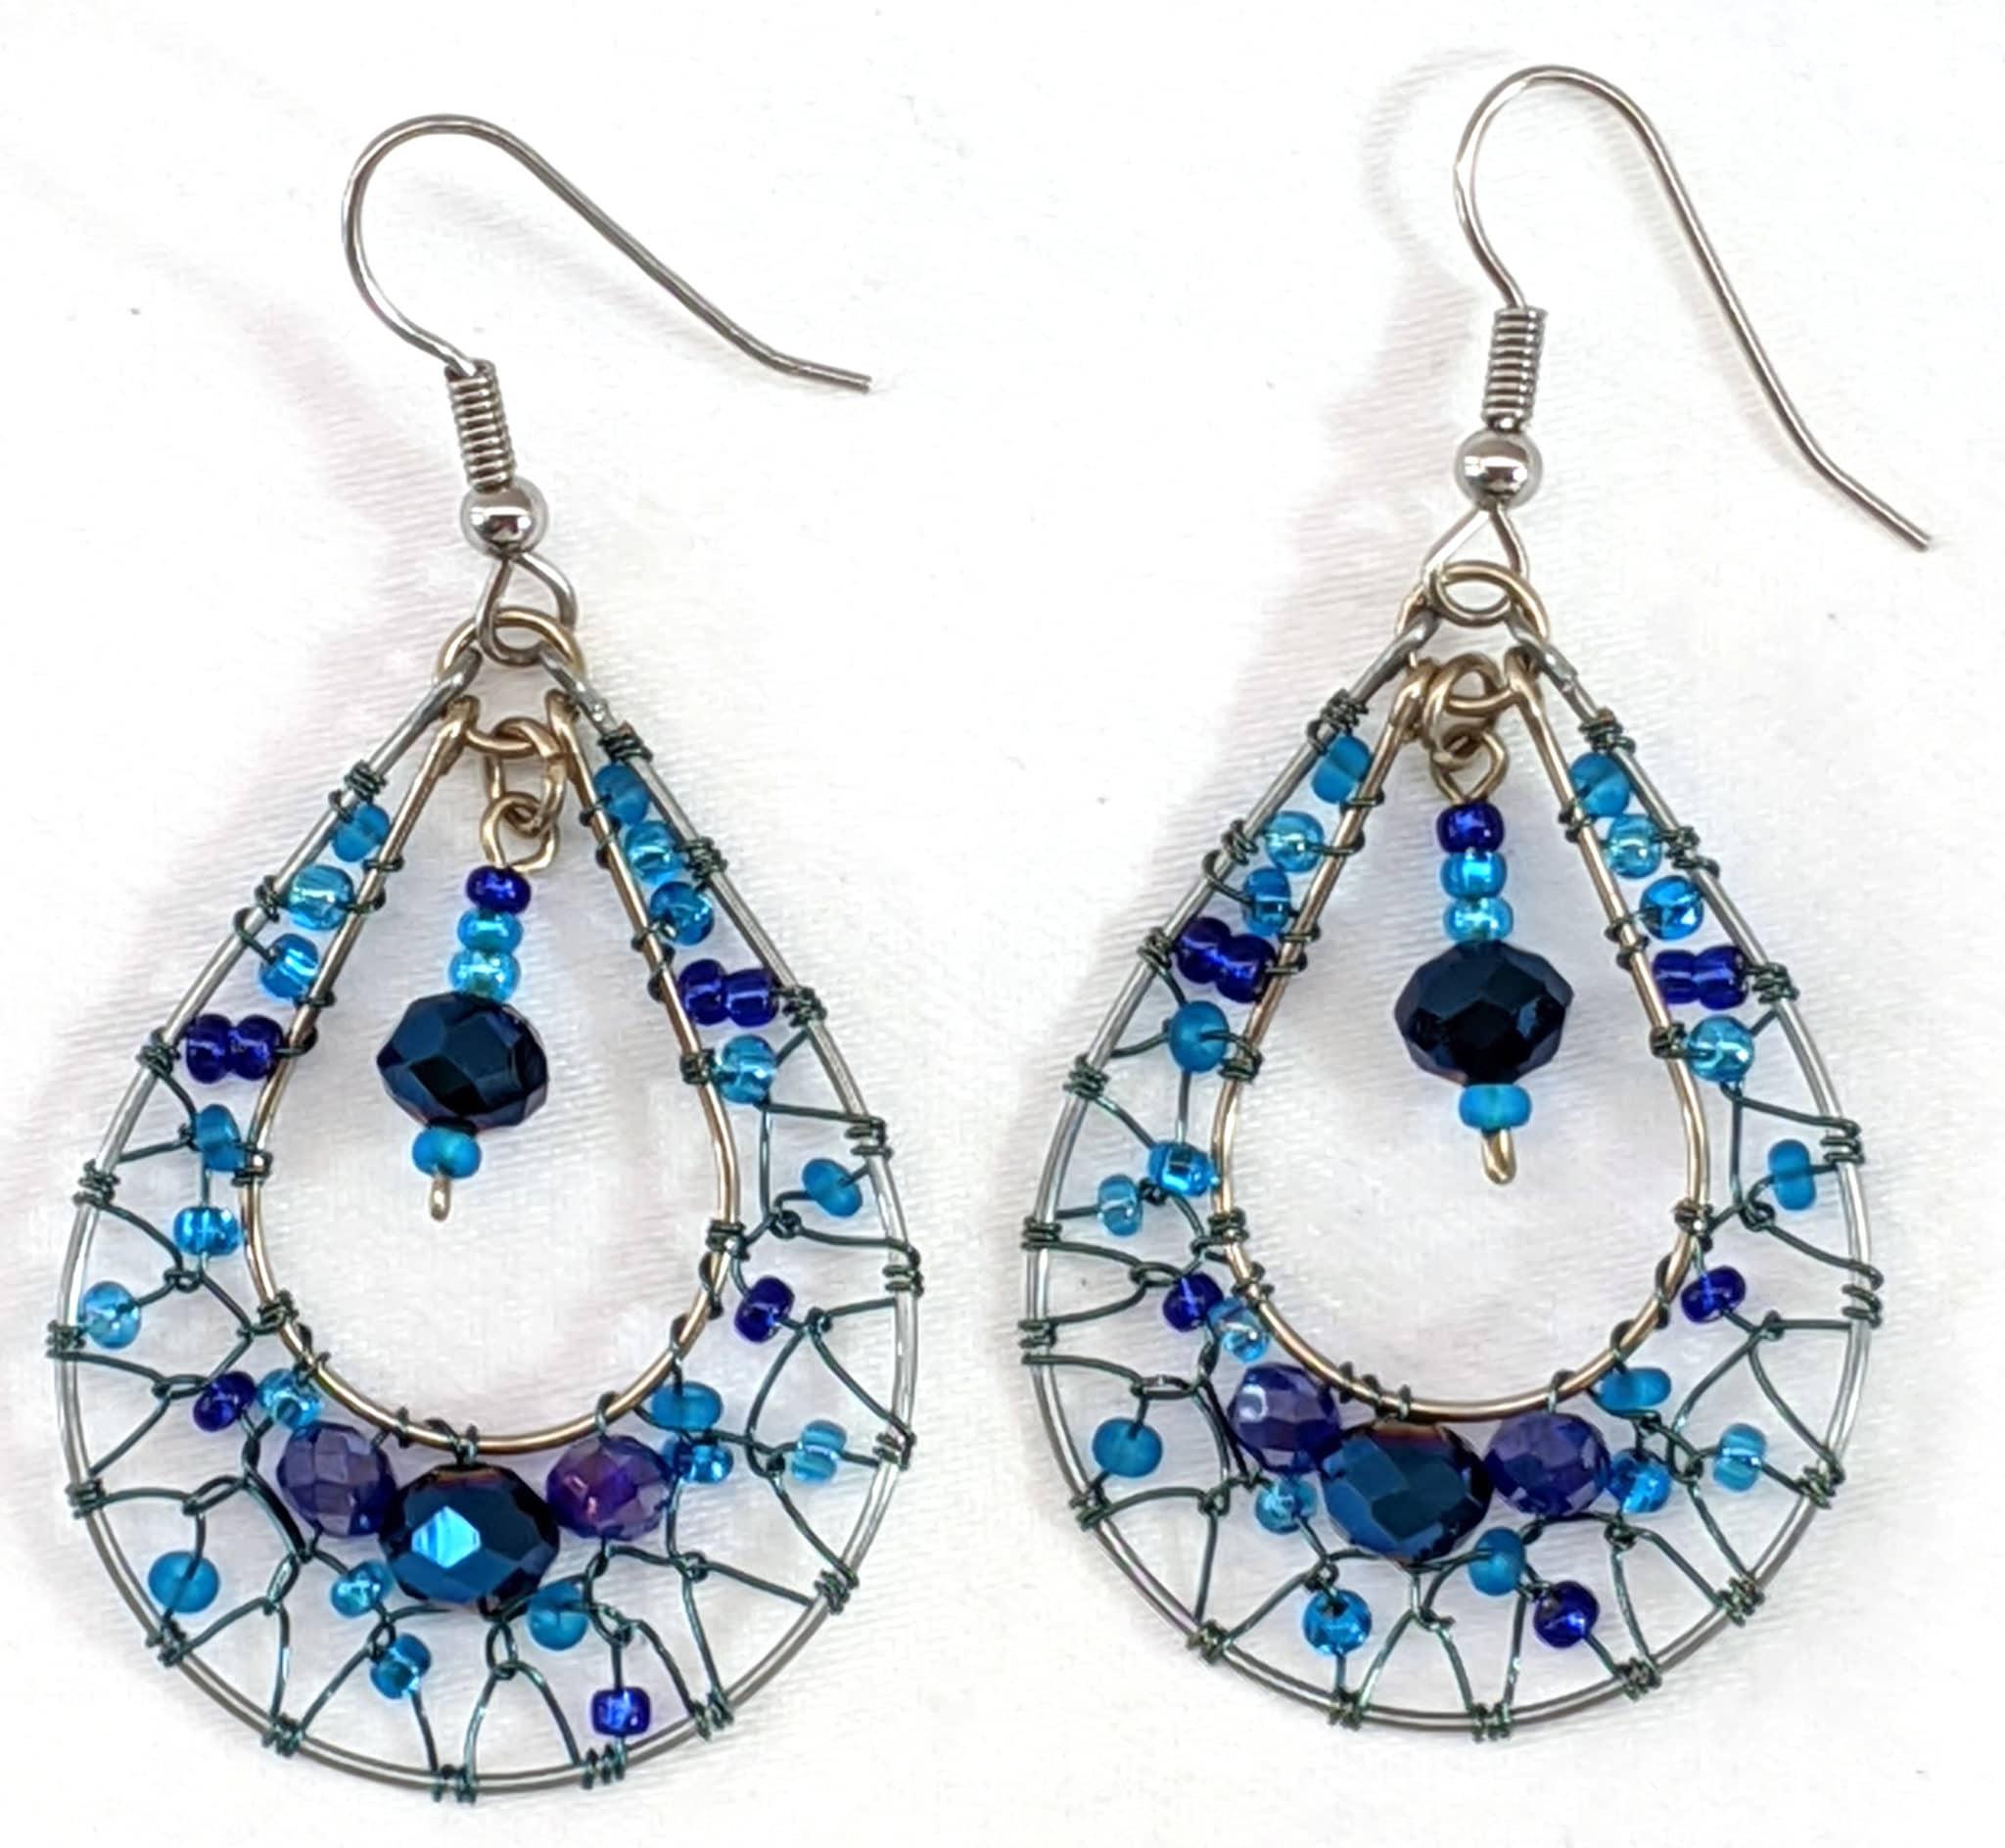 Teardrop Dreamcatcher Earrings - Blues